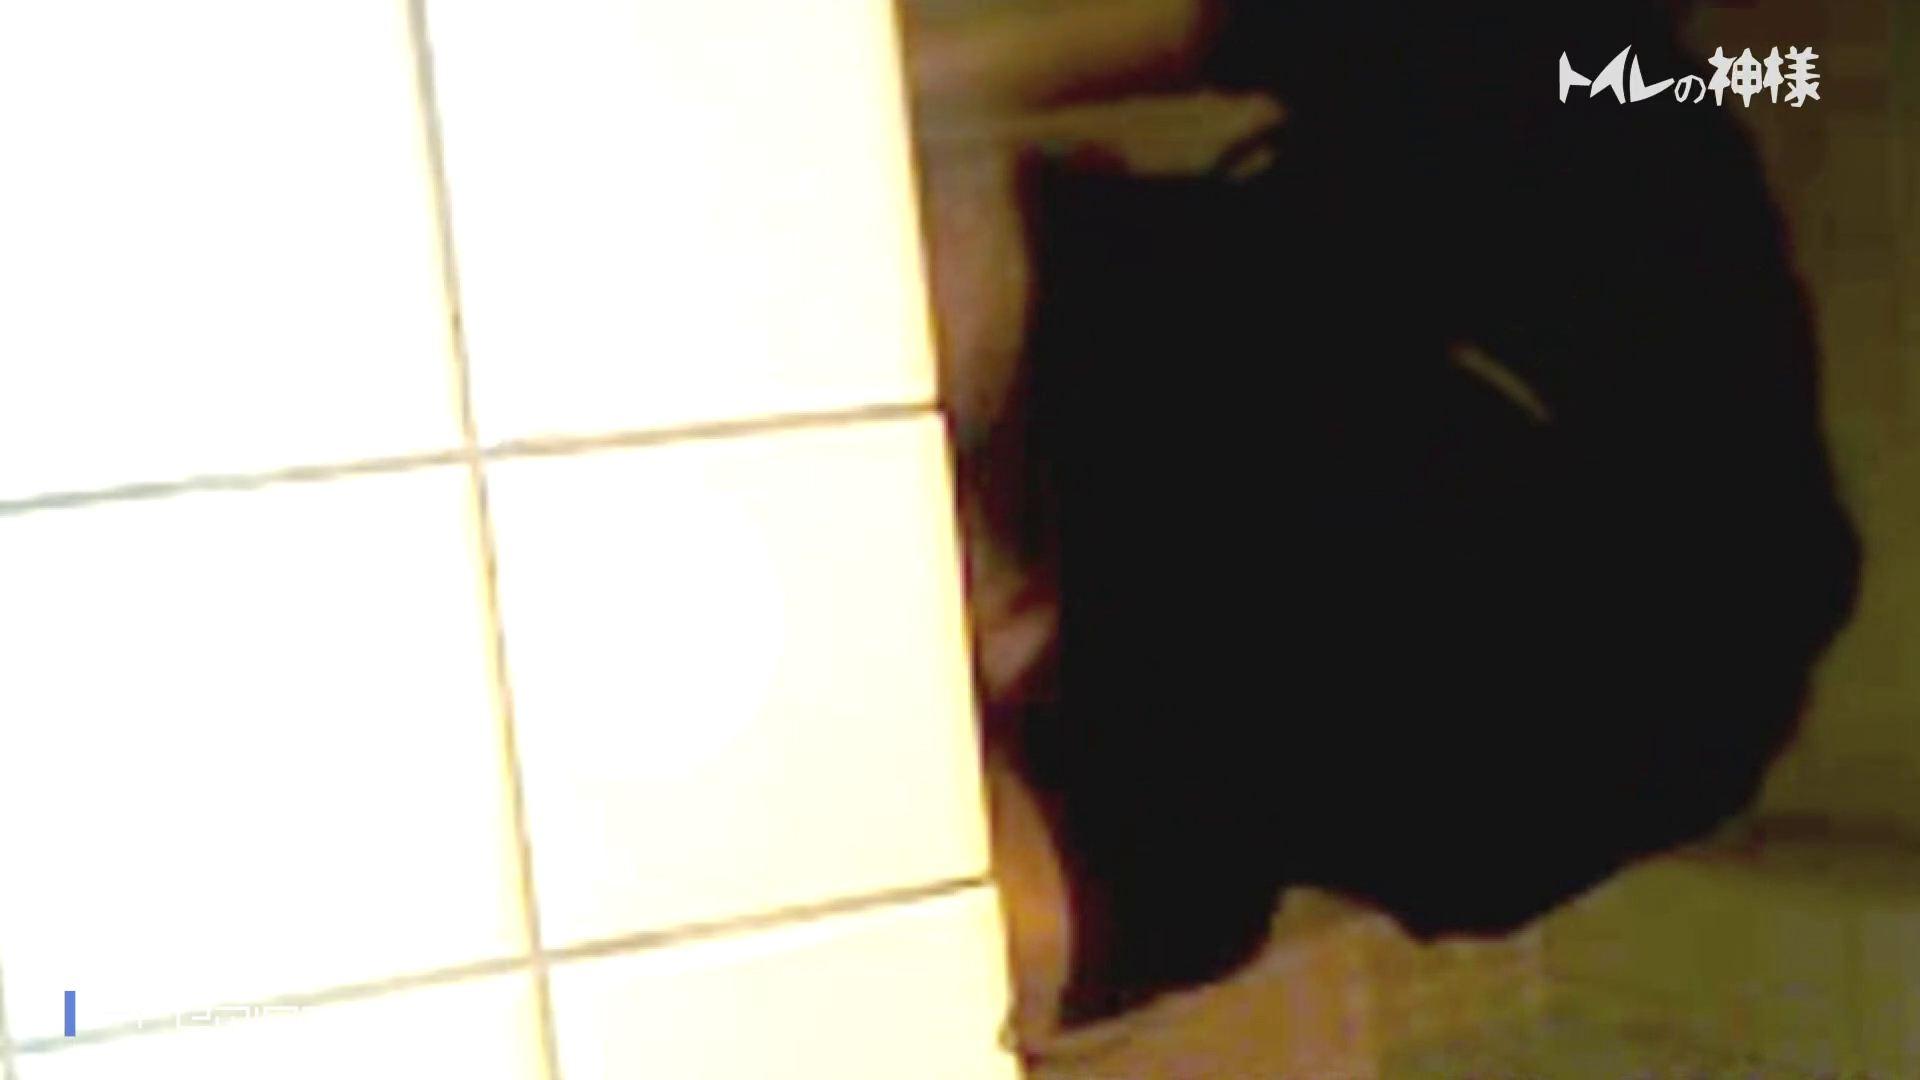 kyouko排泄 うんこをたくさん集めました。トイレの神様 Vol.14 OL   リアルすぎる排泄  83連発 25